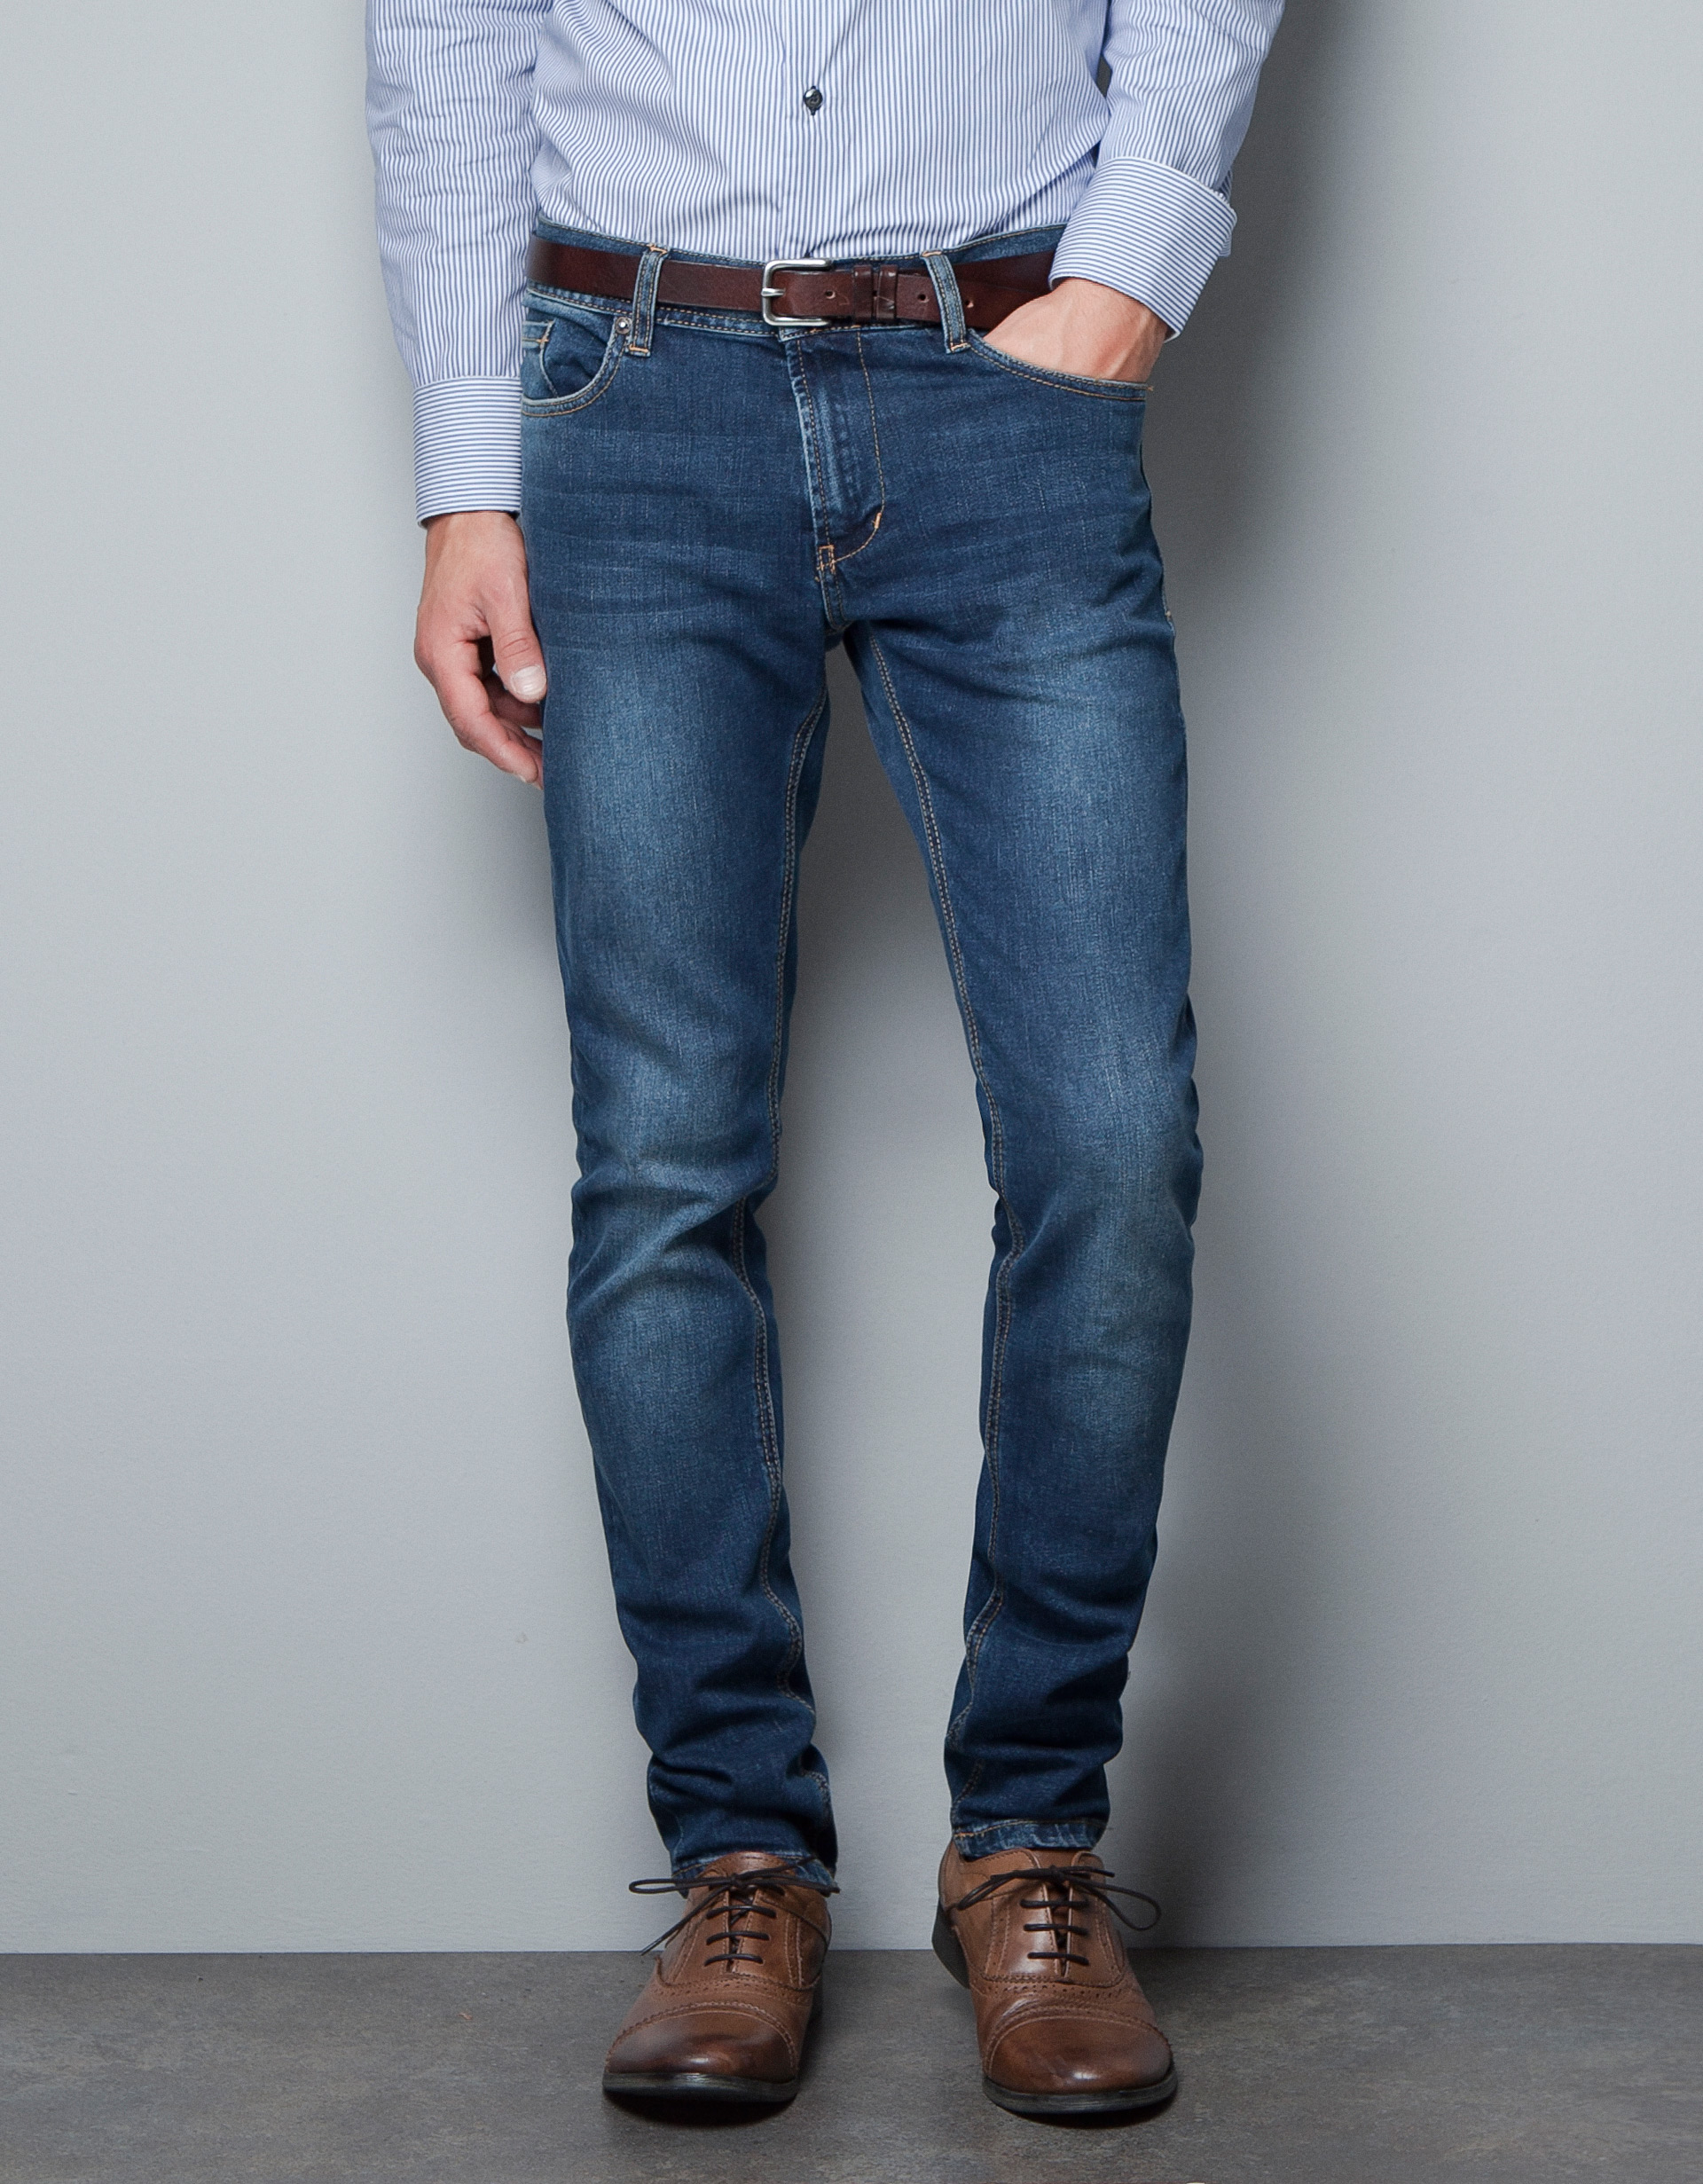 Light Skinny Jeans Men